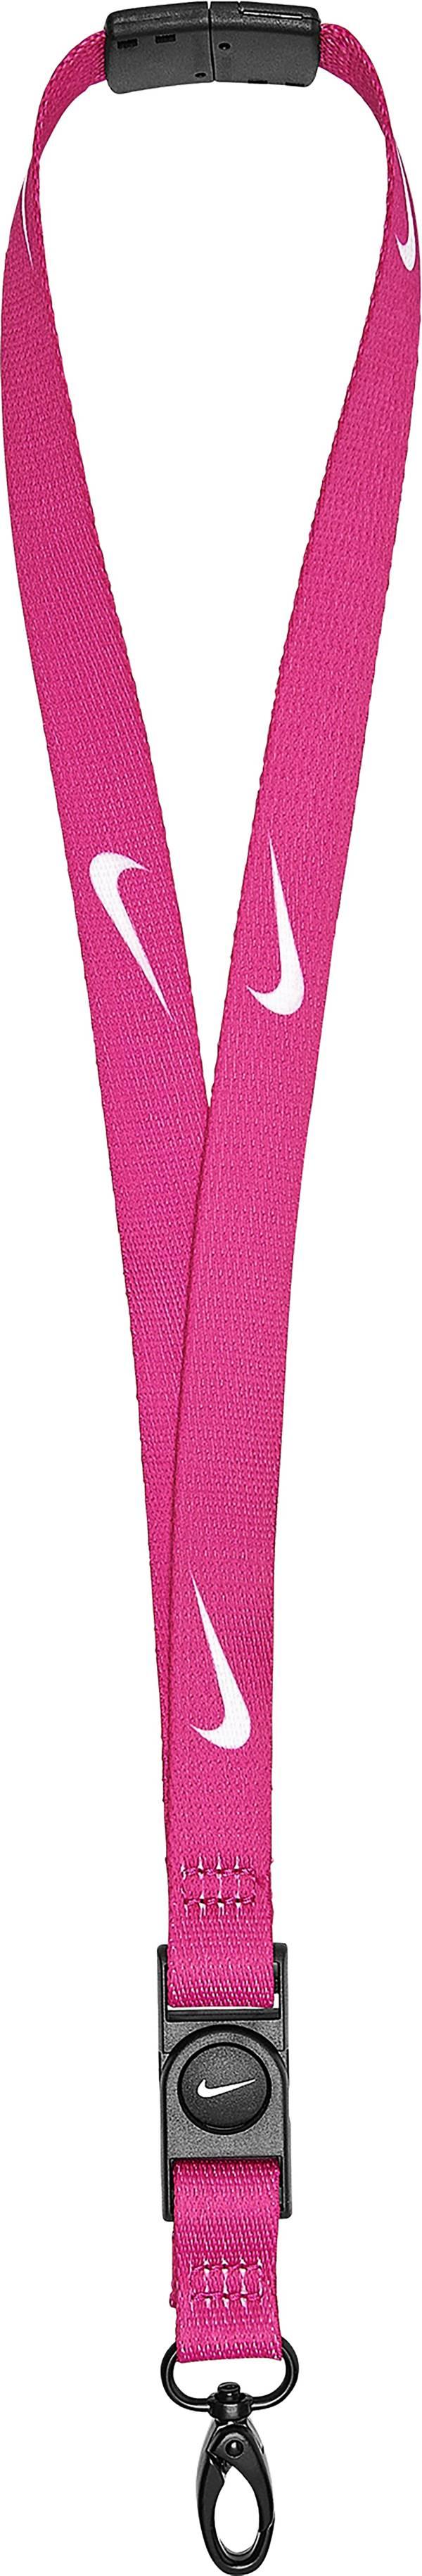 Nike Premium Vivid Pink Lanyard product image